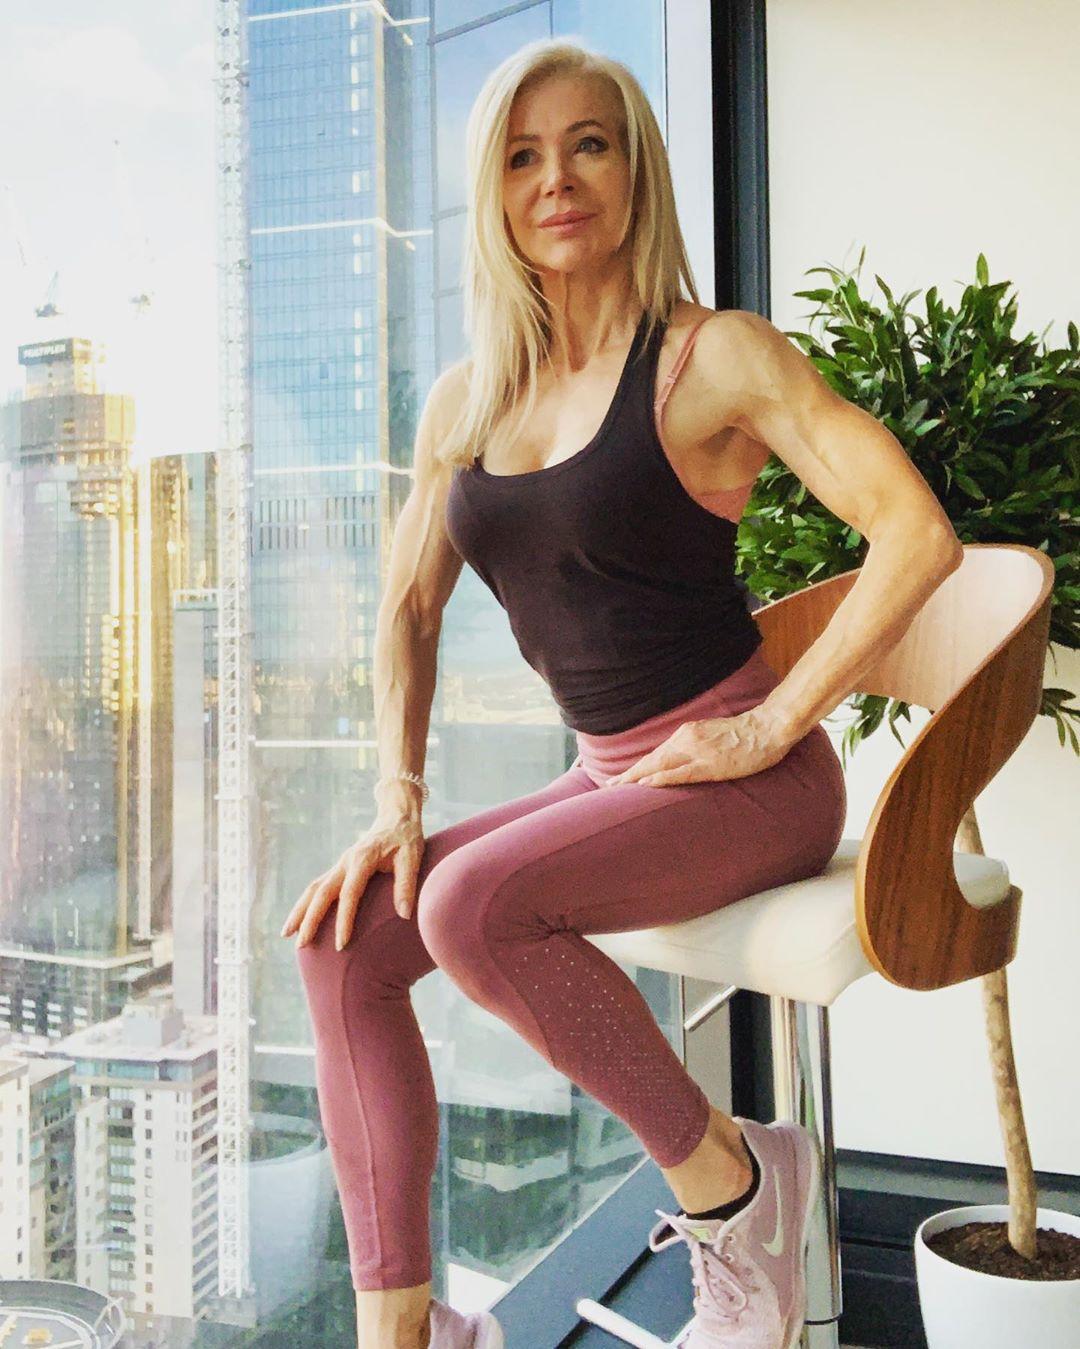 Лесли Максвелл — 64-летняя бабушка, но это не мешает ей быть супер-мускулистой!